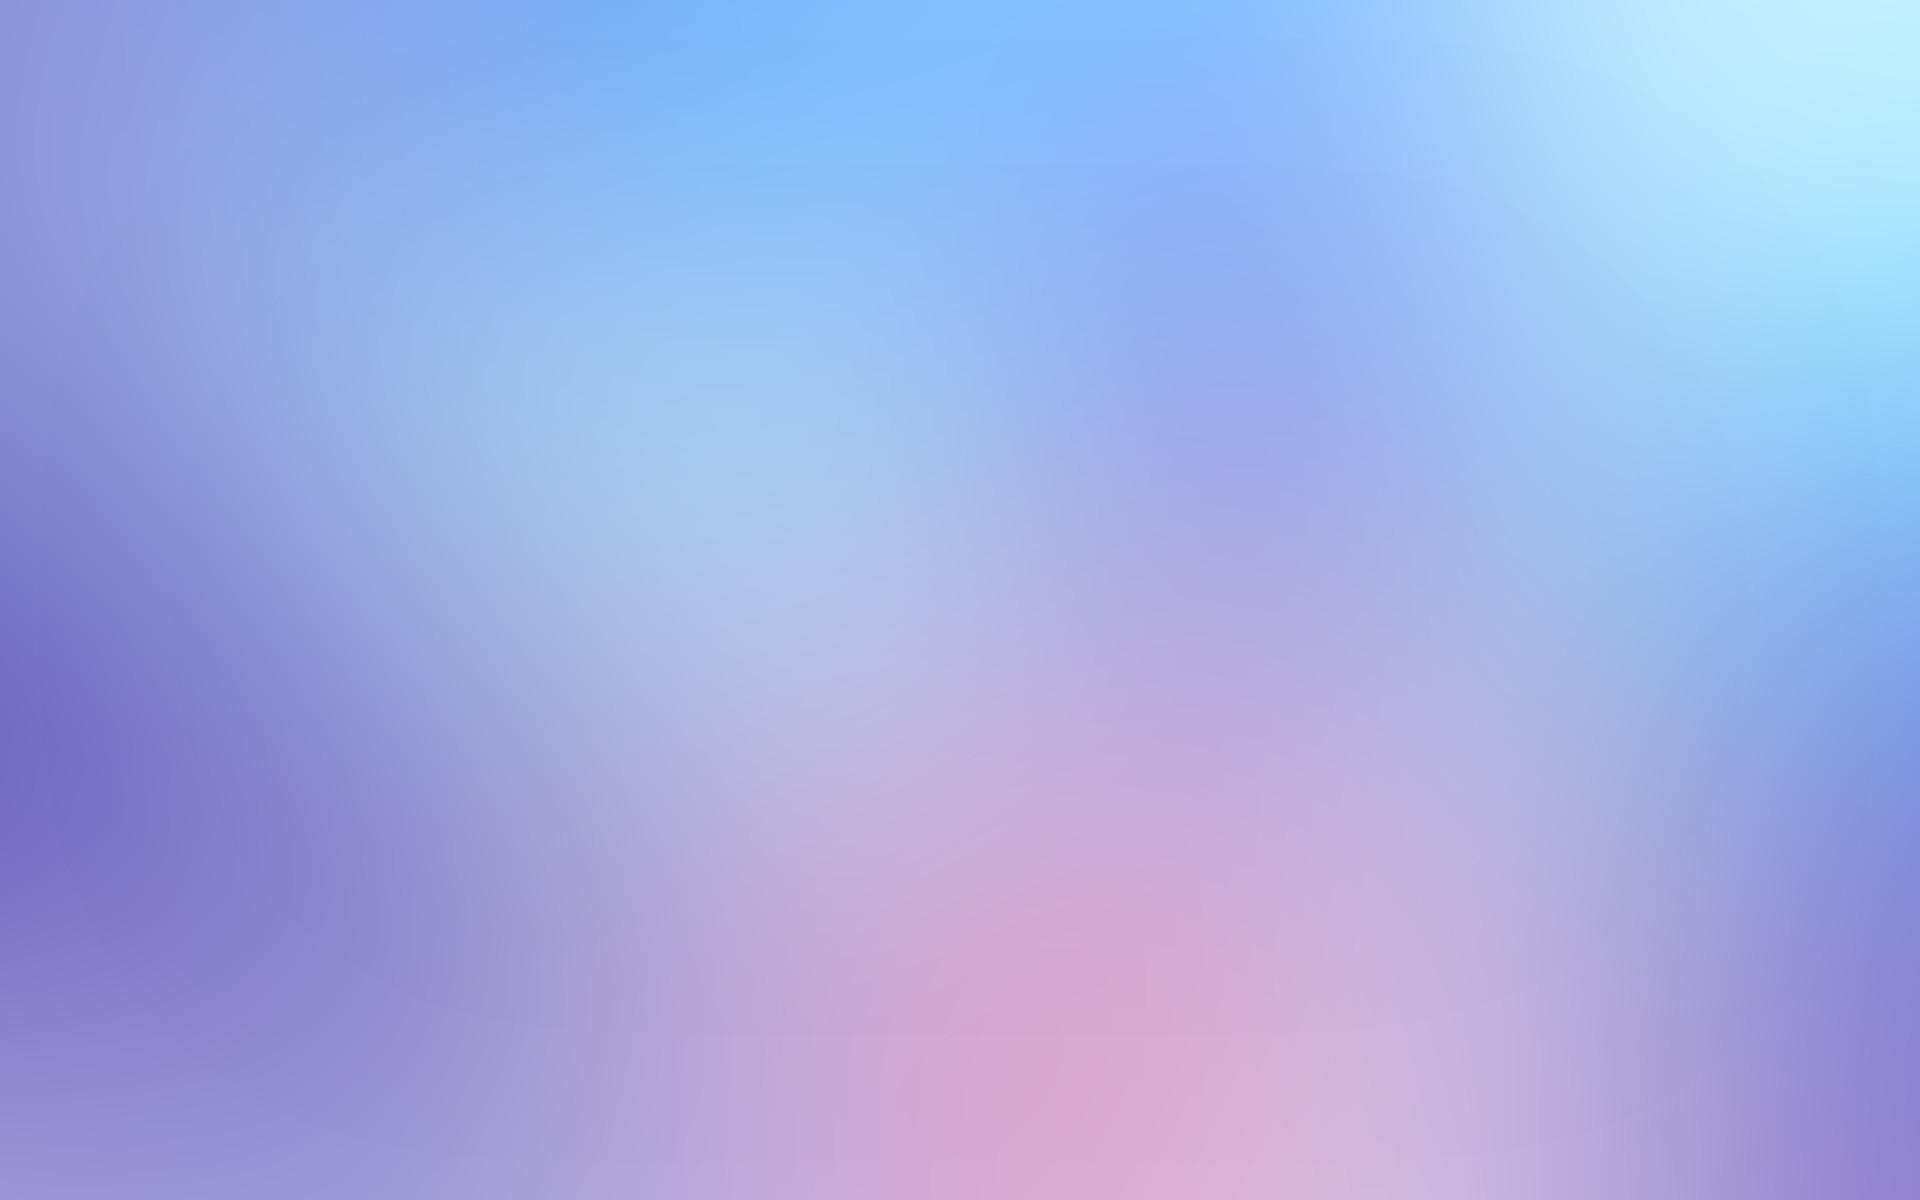 15 Excellent HD Gradient Wallpapers